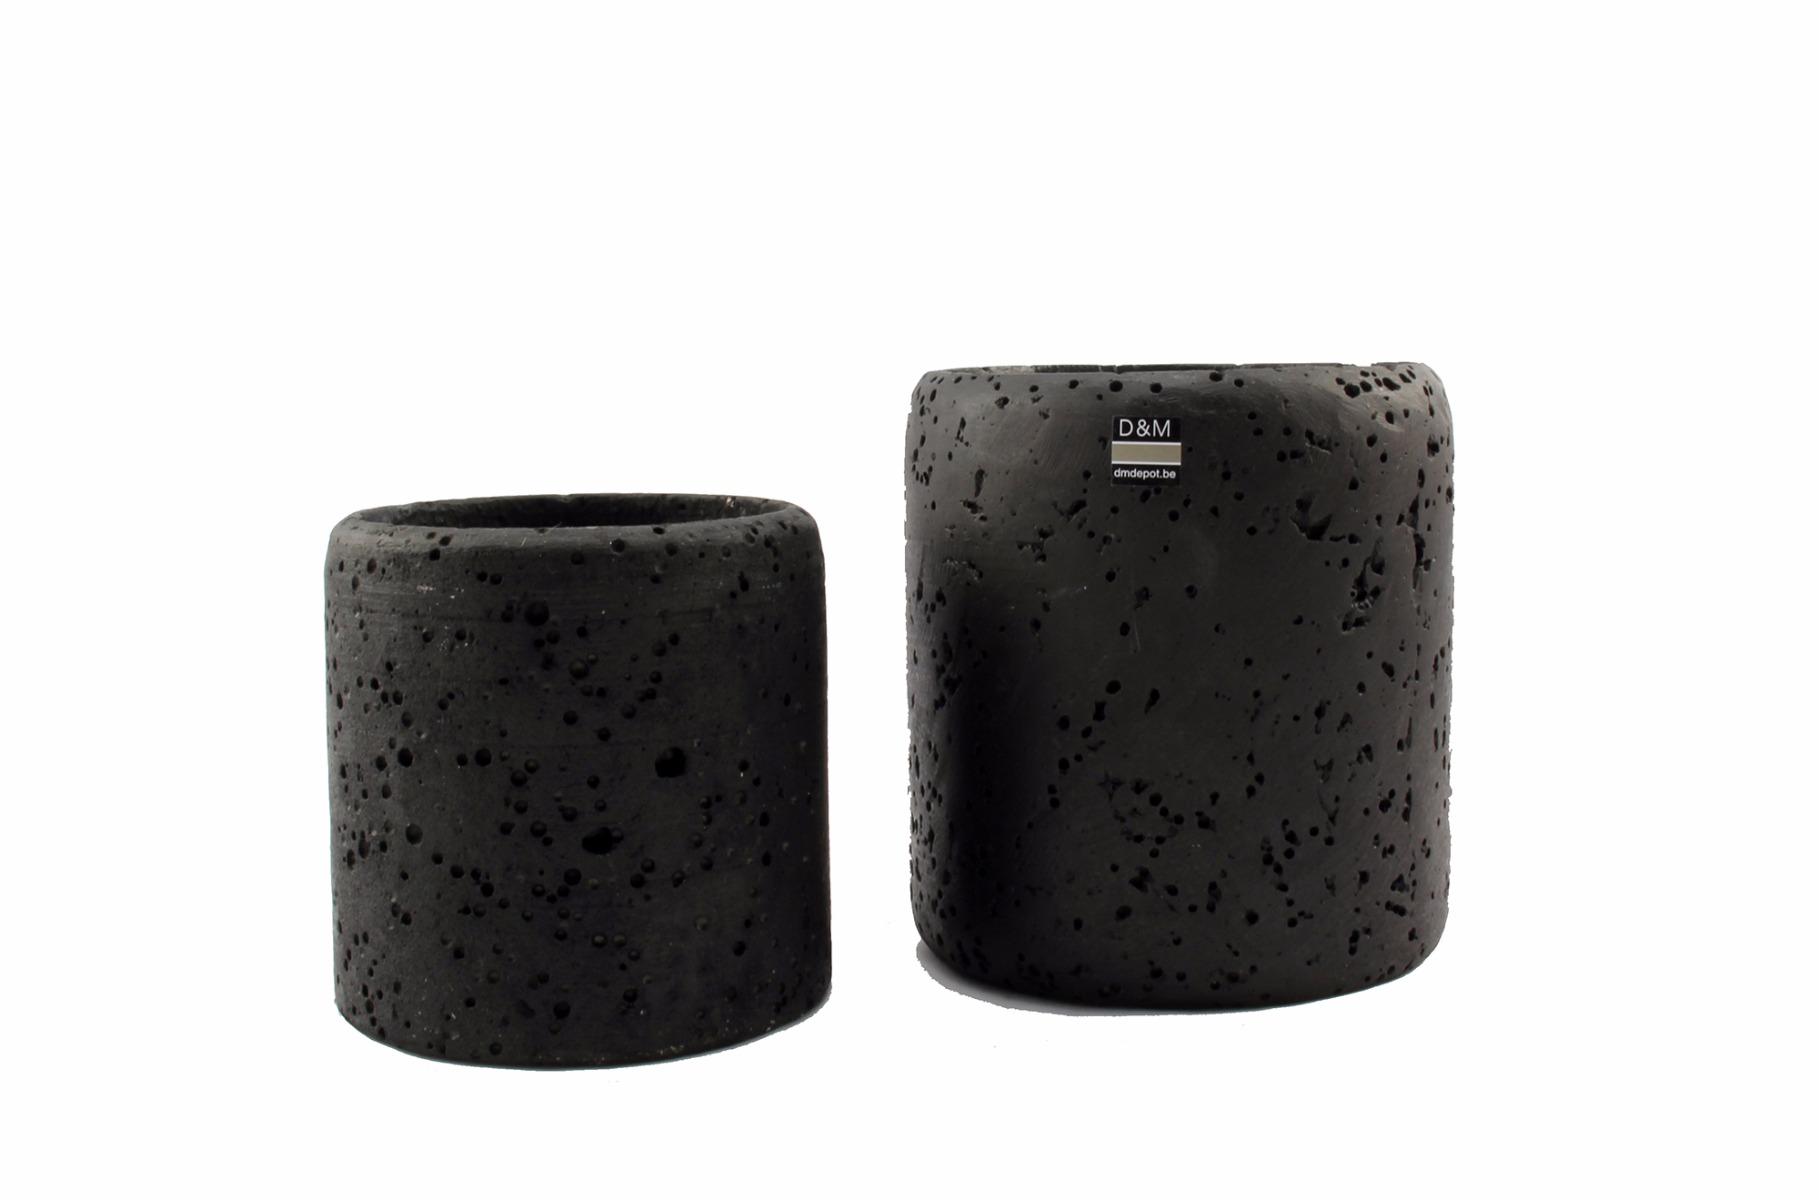 Vaso nero Bell [vari]: particolari vasi per orchidee biodegradabili D&M